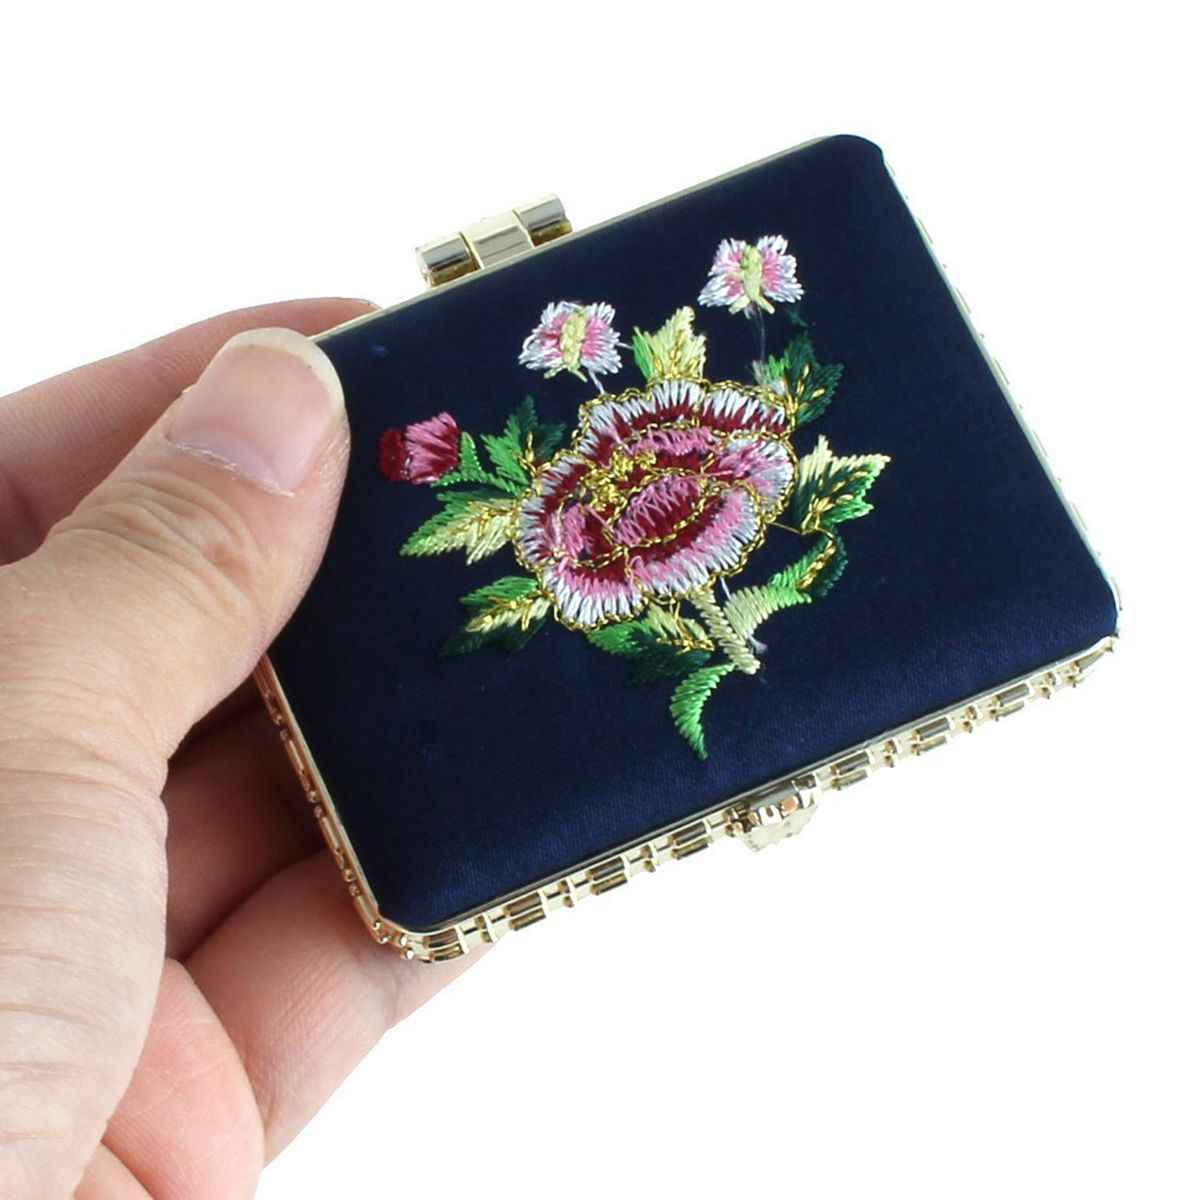 Miroirs de maquillage de miroir de poche de style chinois de broderie de fleur de Rectangle portatif (couleur aléatoire)